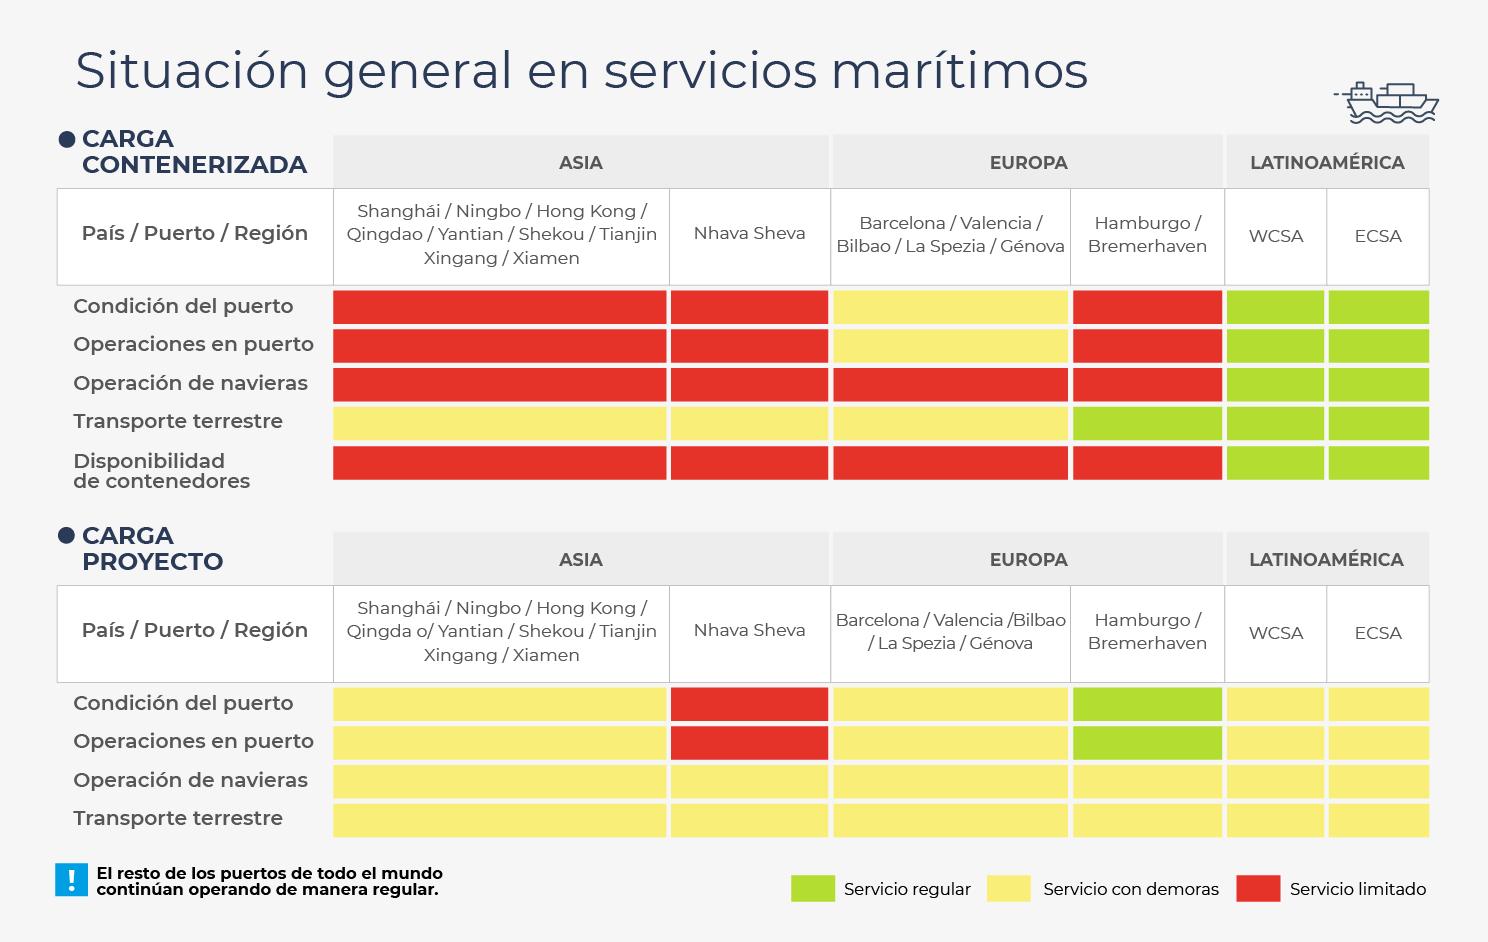 Tabla de situación general de servicios marítimos